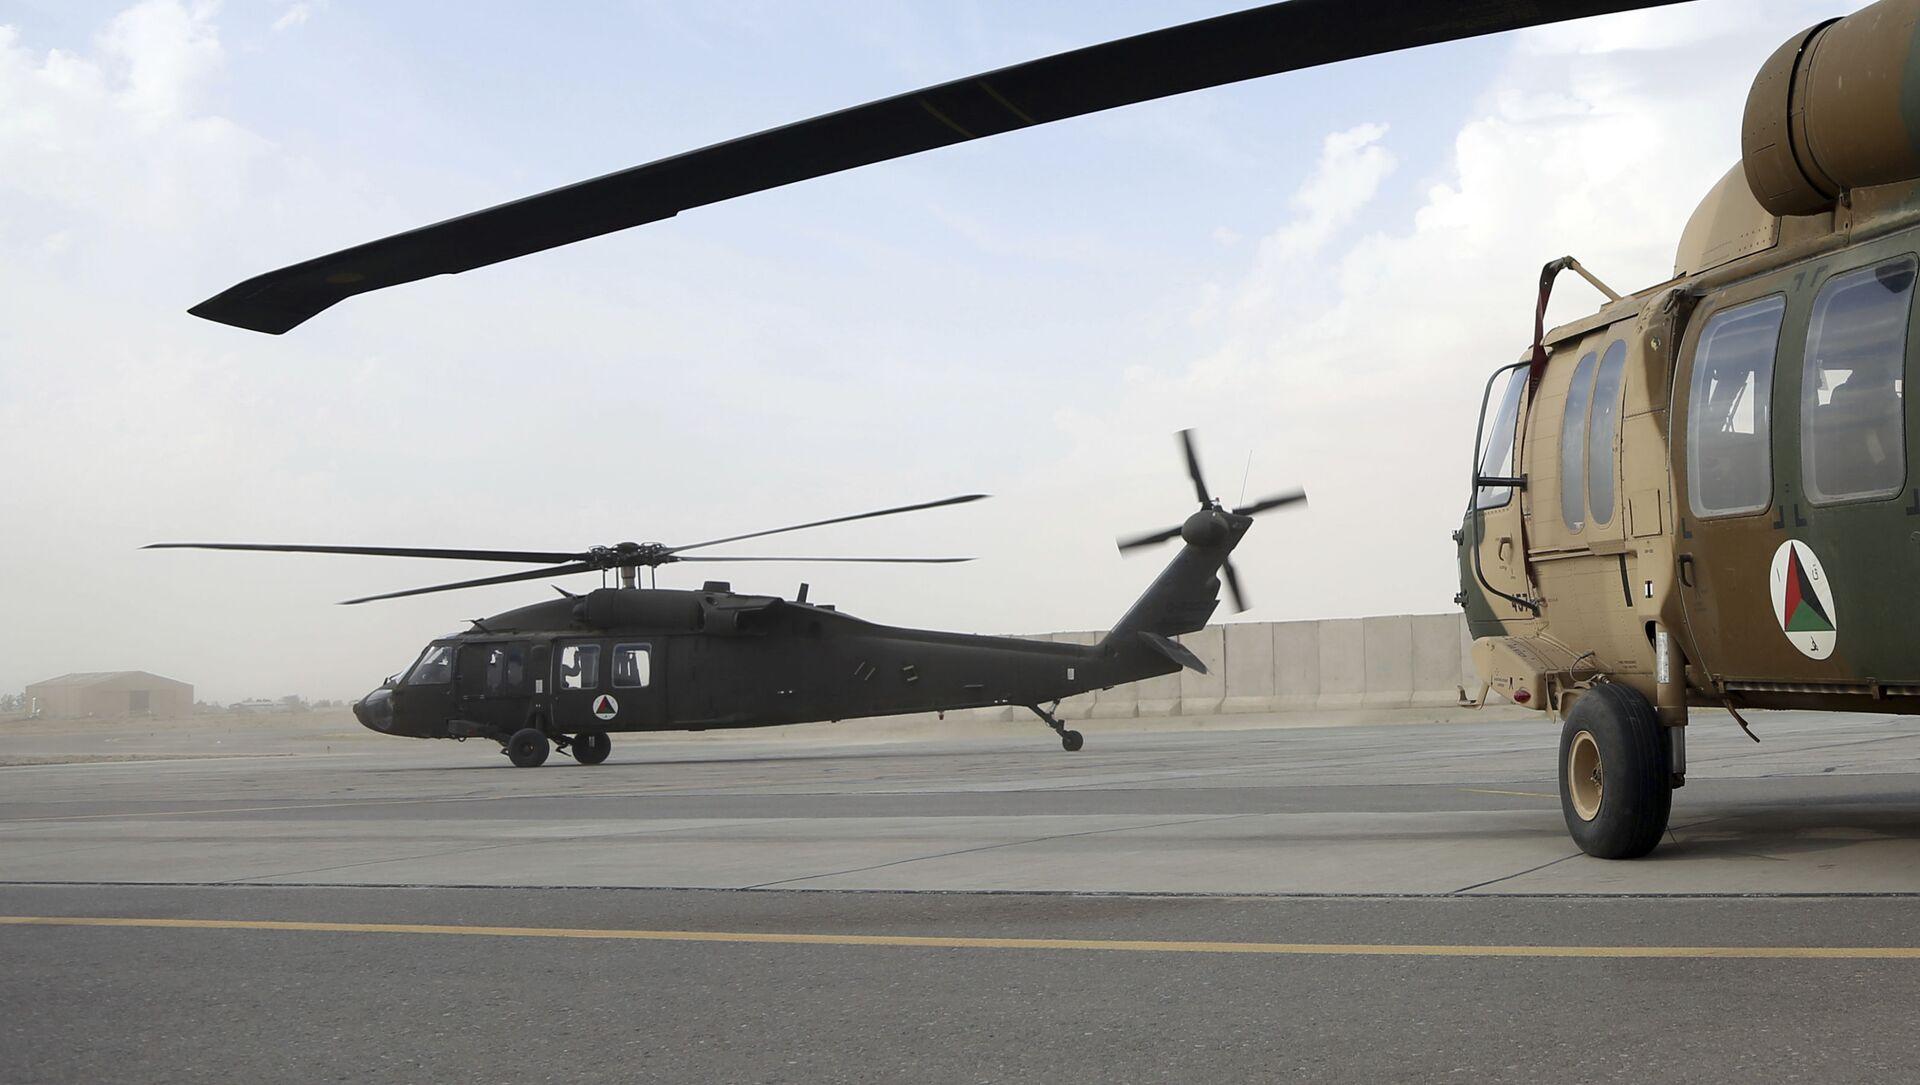 Un hélicoptère américain UH-60 Black Hawk en Afghanistan (archive photo) - Sputnik France, 1920, 25.08.2021